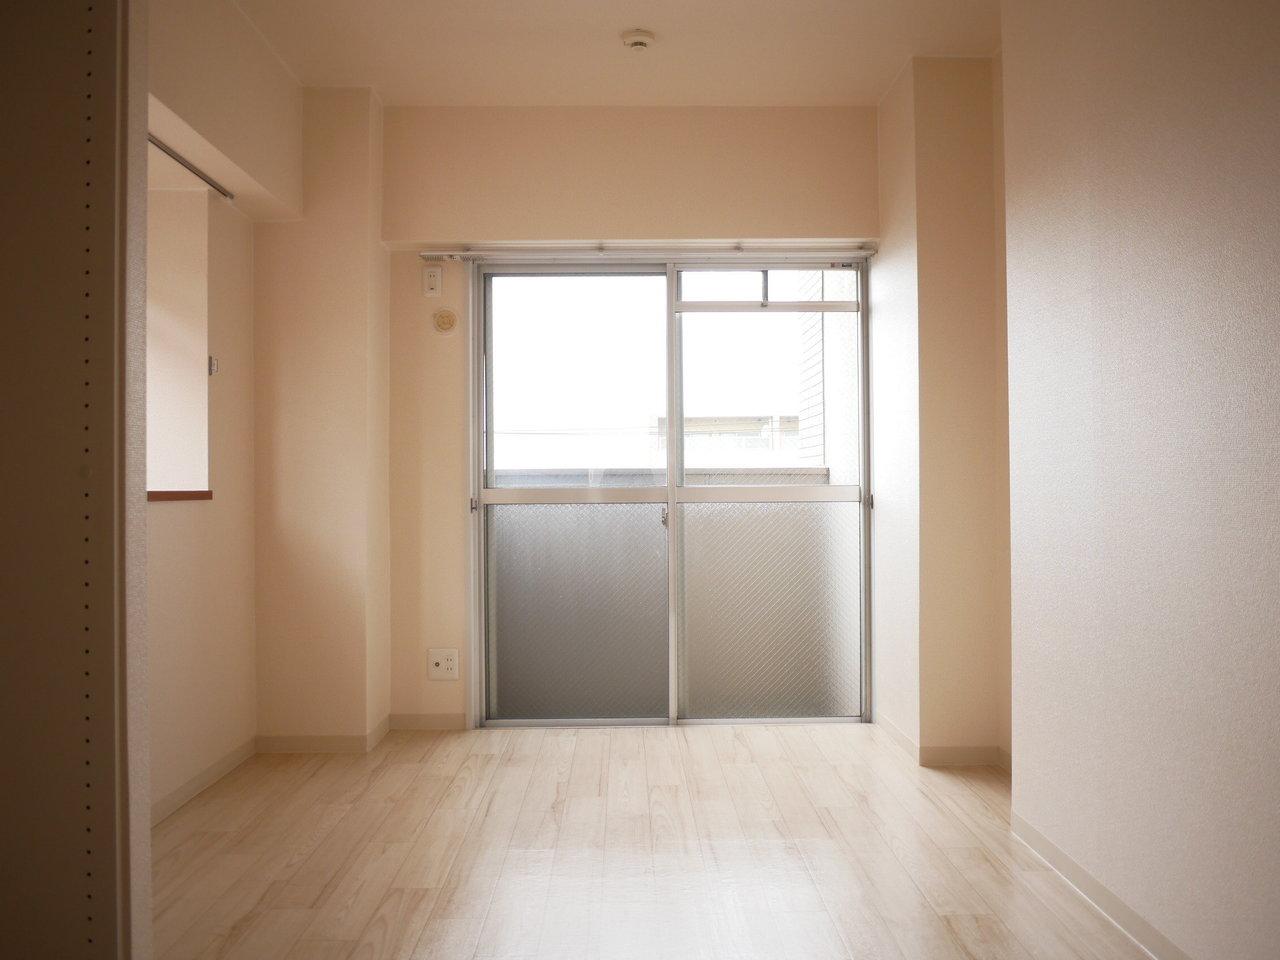 畳の部屋の奥にある扉を開けると、7畳の洋室が。部屋全体はしっかり仕切られているのに、扉を介して室内をぐるぐるとできる構造です。二人暮らしで生活時間帯が合わない方同士でも住みやすそうです。